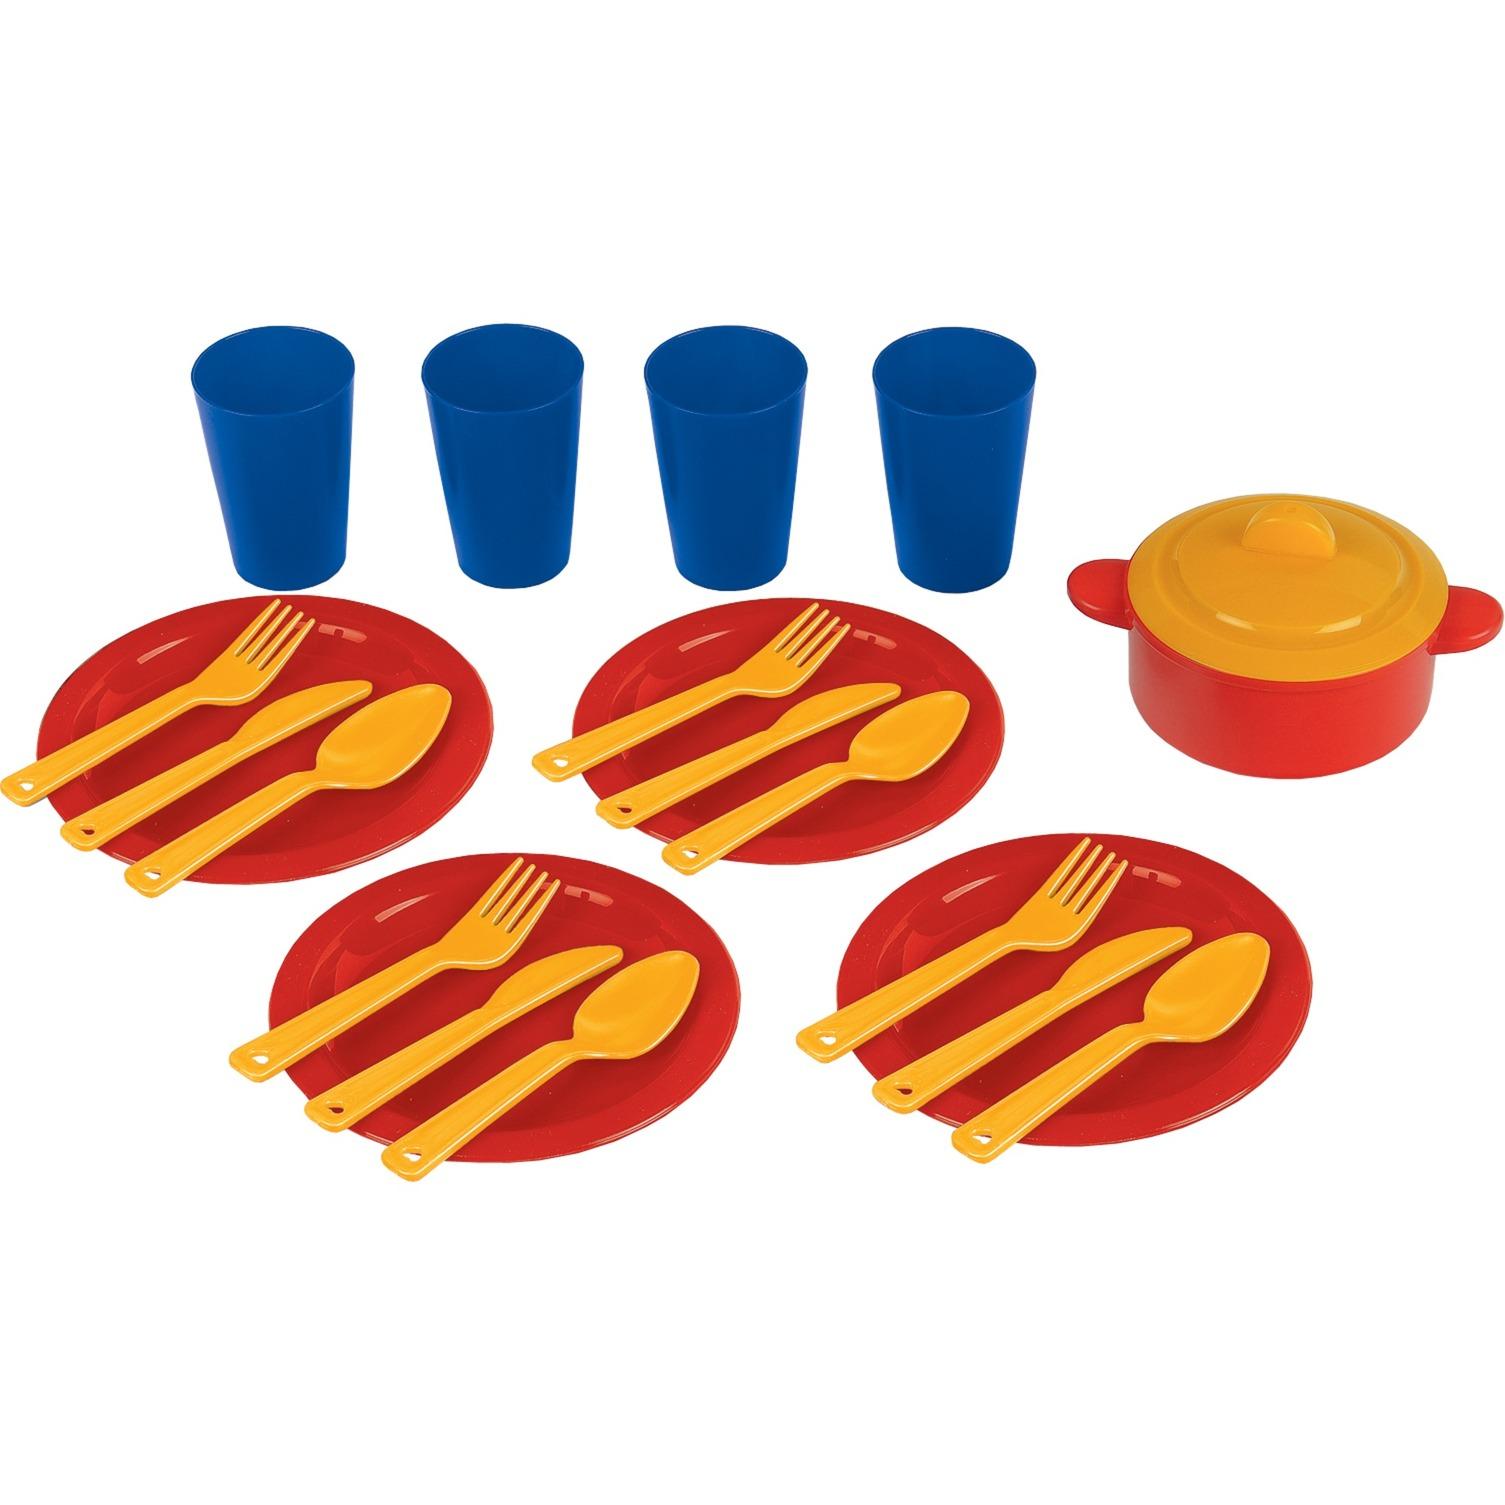 9221-kokken-mad-legesat-rollespil-legetoj-husholdningsapperater-til-baern